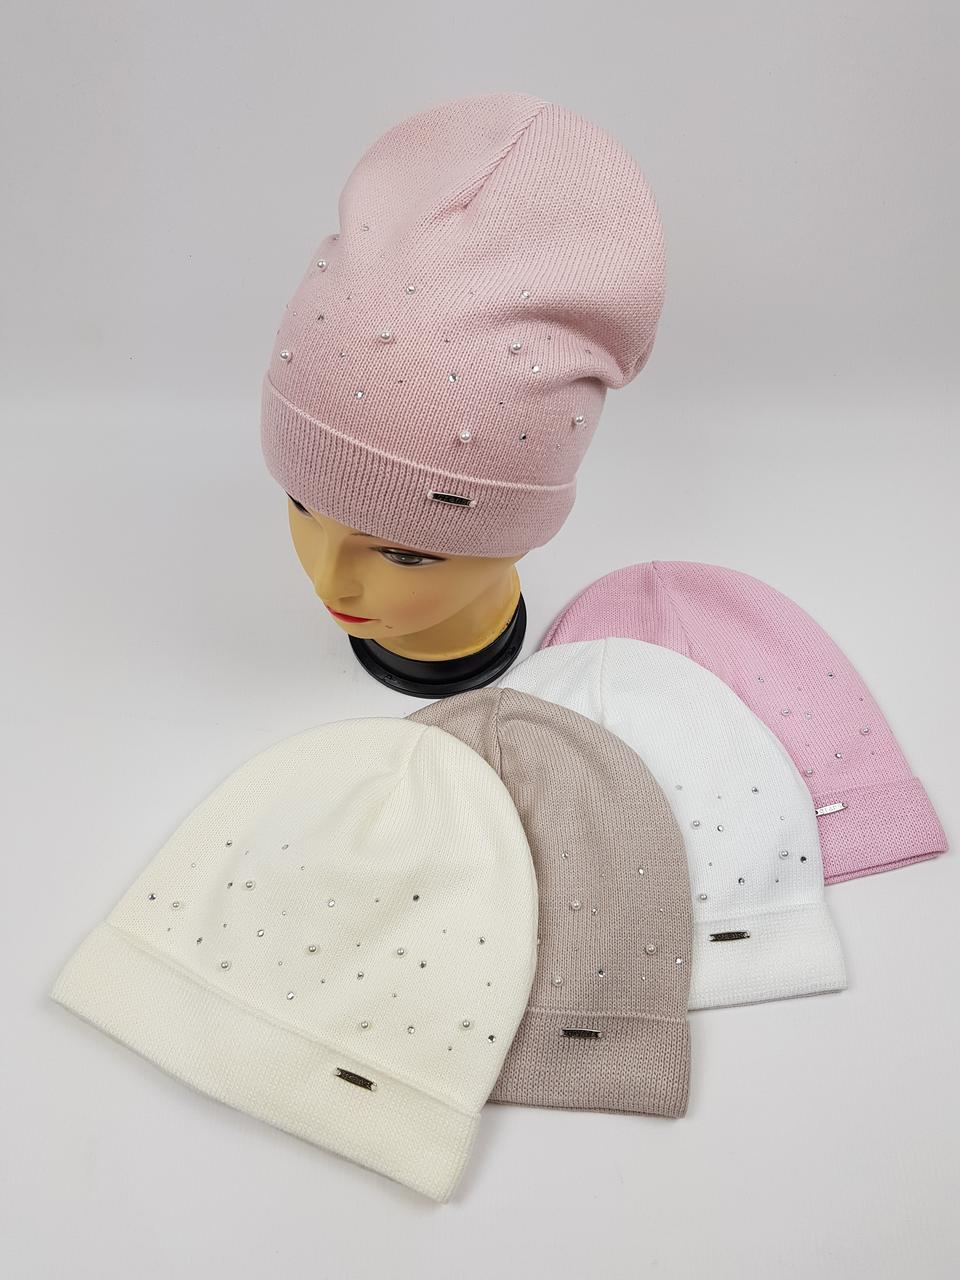 Підліткові польські демісезонні вязані шапки на трикотажній підкладці для дівчат оптом, р.52-54 (Grans)